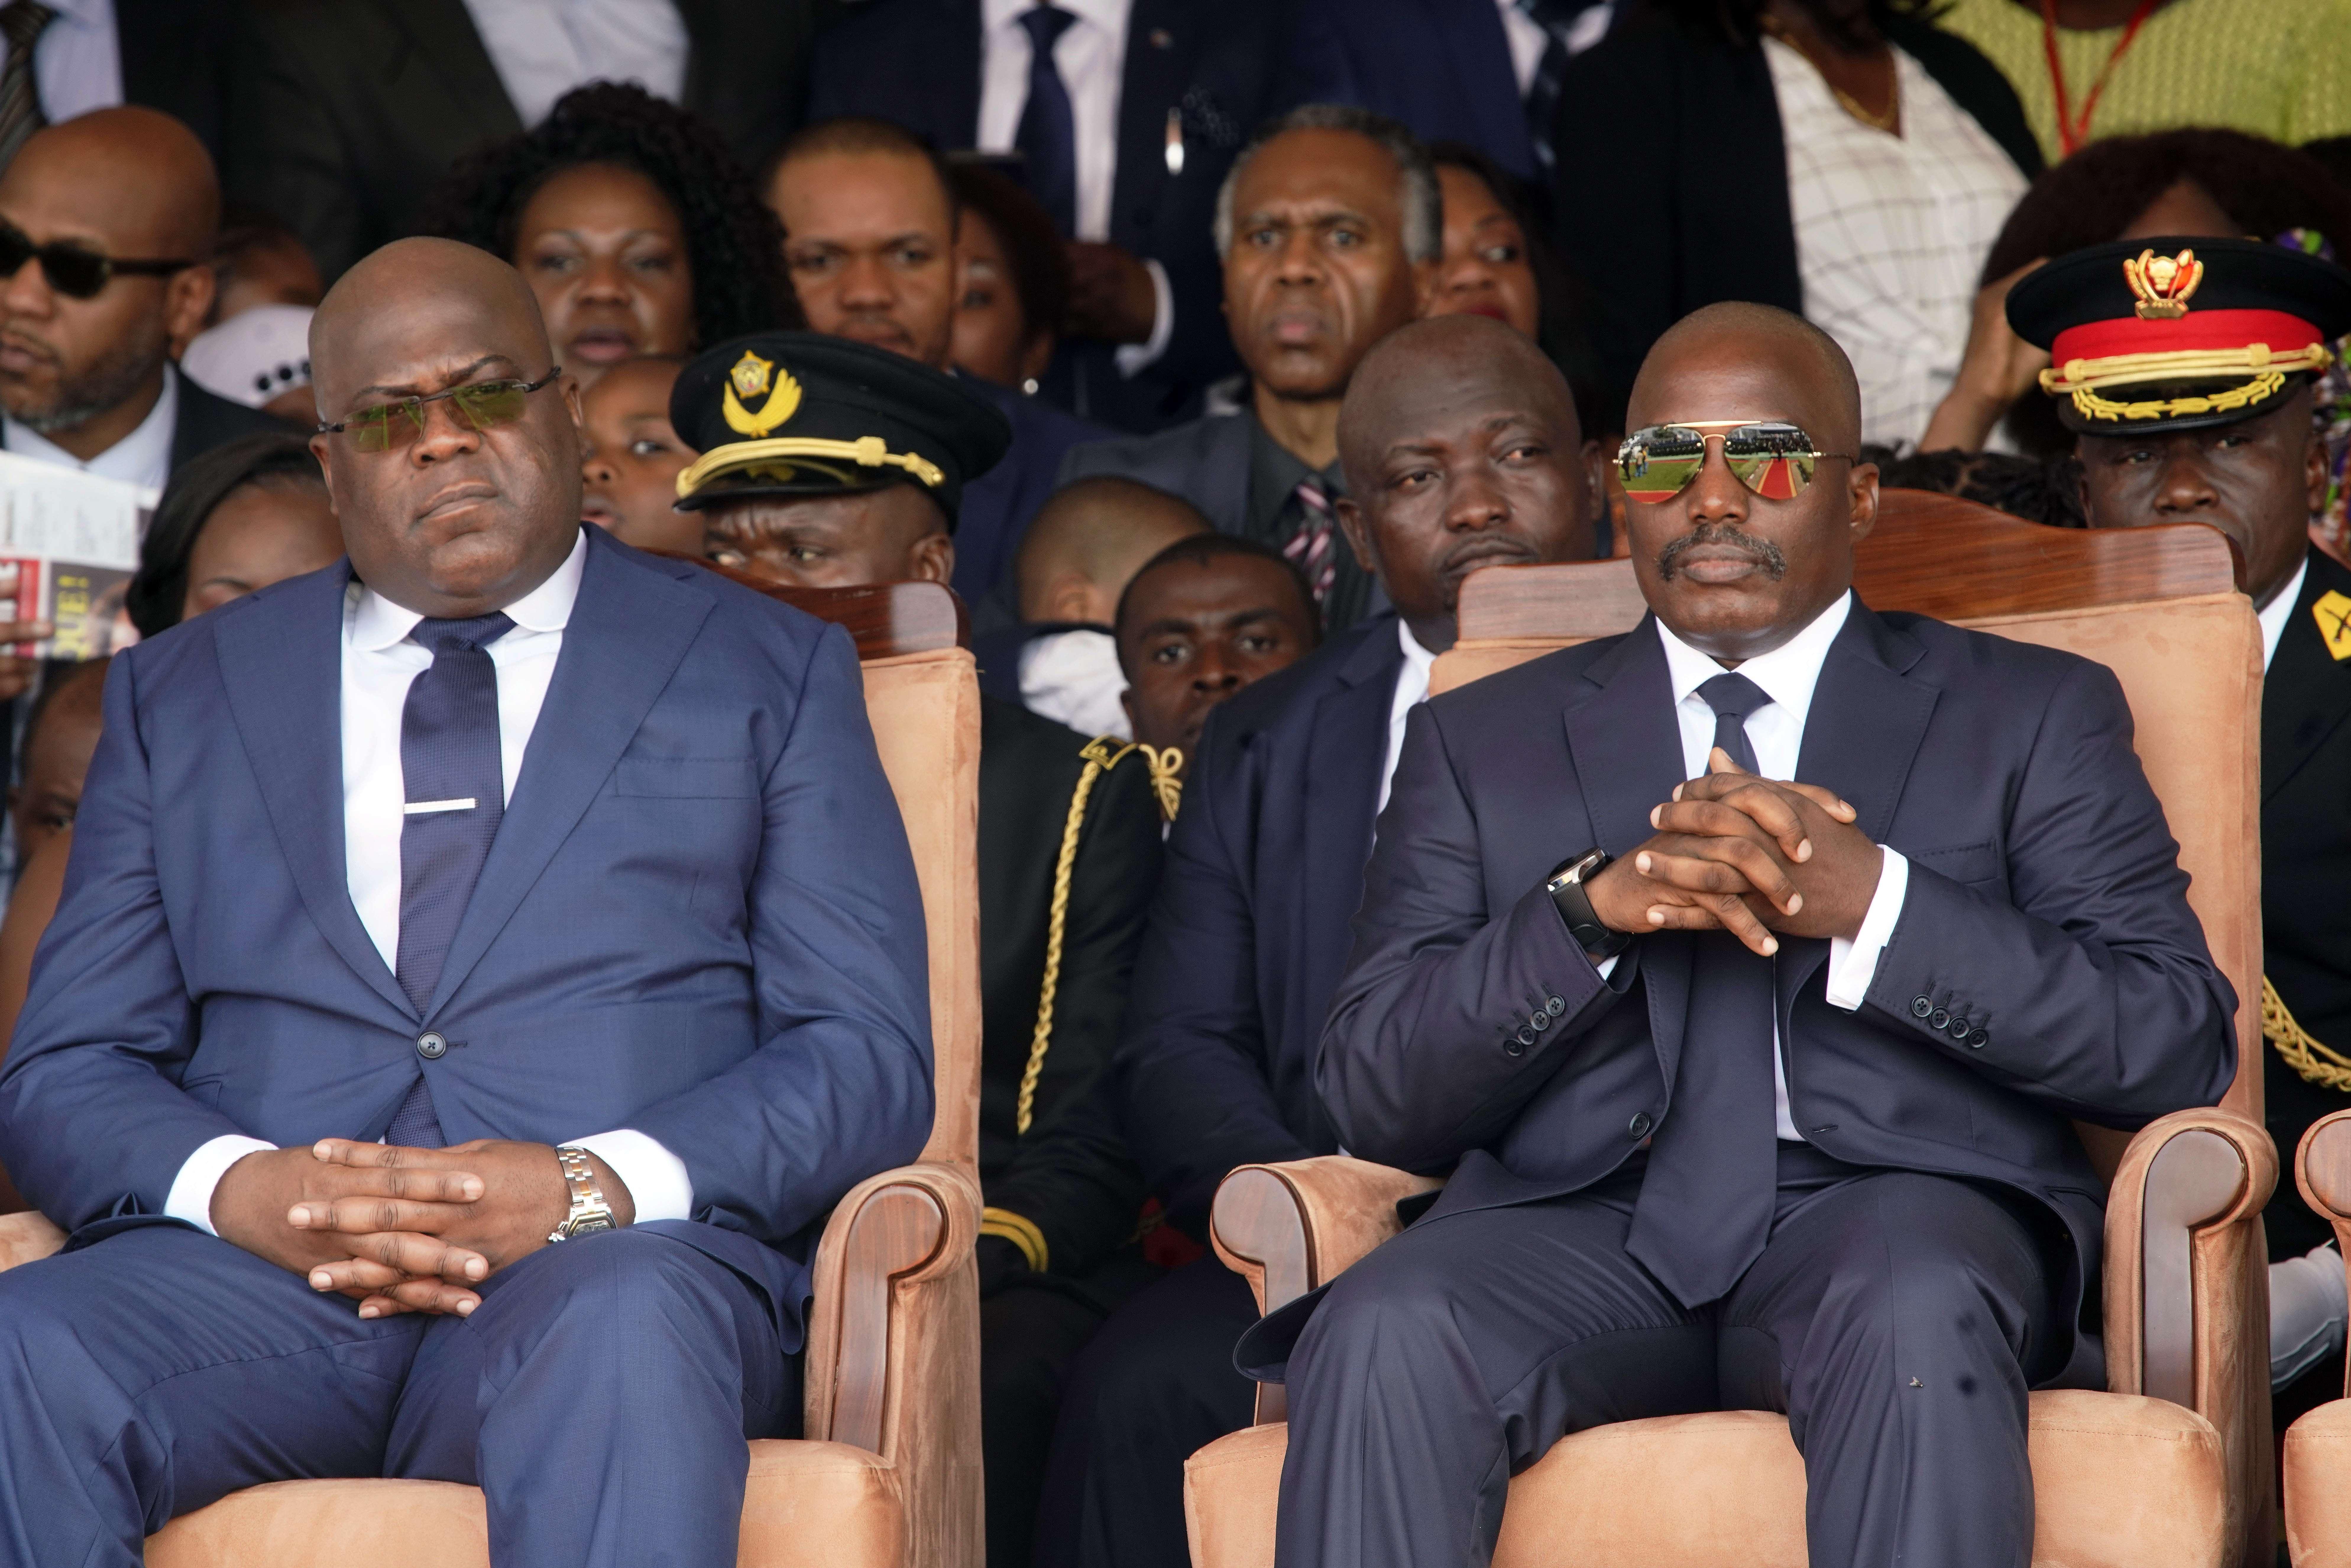 Le président congolais Félix Tshisekedi, à gauche, et le président sortant Joseph Kabila côte à côte lors de la cérémonie d'inauguration à Kinshasa, en République démocratique du Congo, le jeudi 24 janvier 2019.